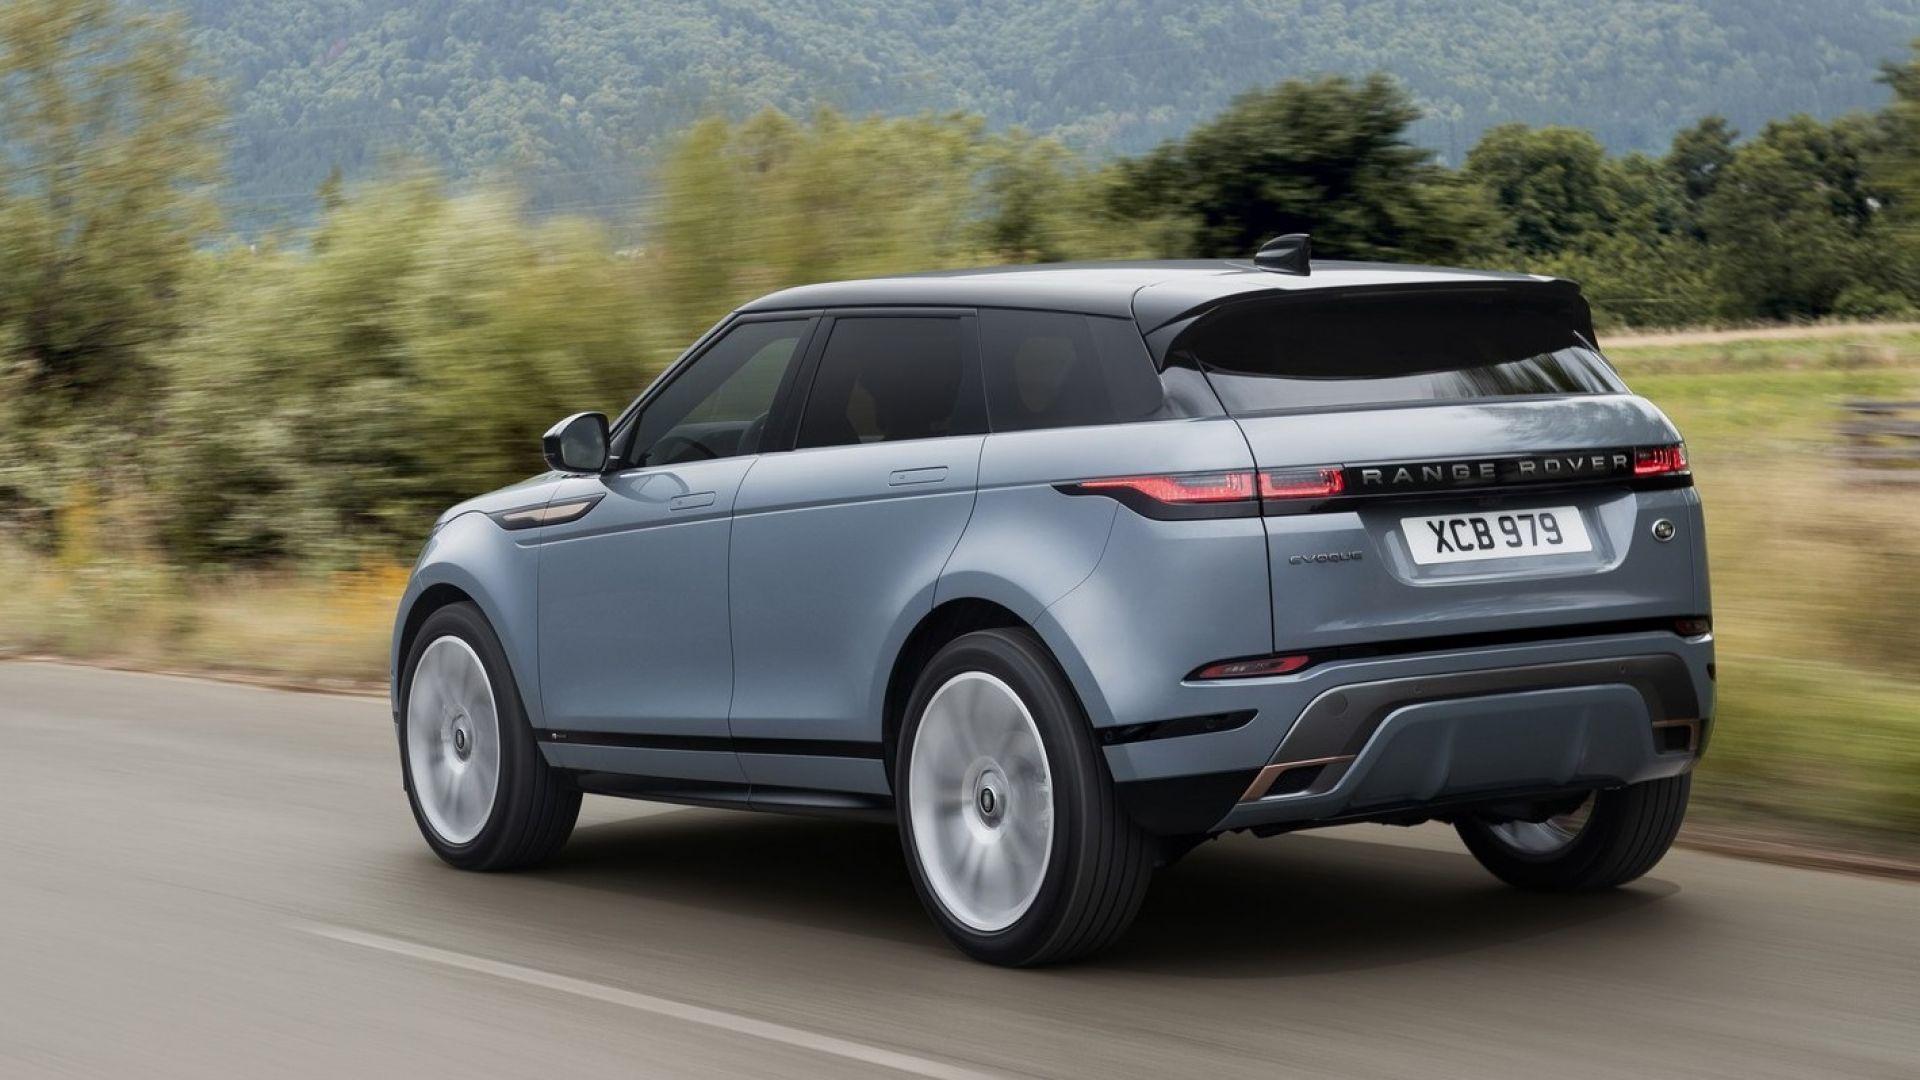 New Land Rover Discovery >> Nuova Range Rover Evoque 2019, anche ibrida: i prezzi al ...